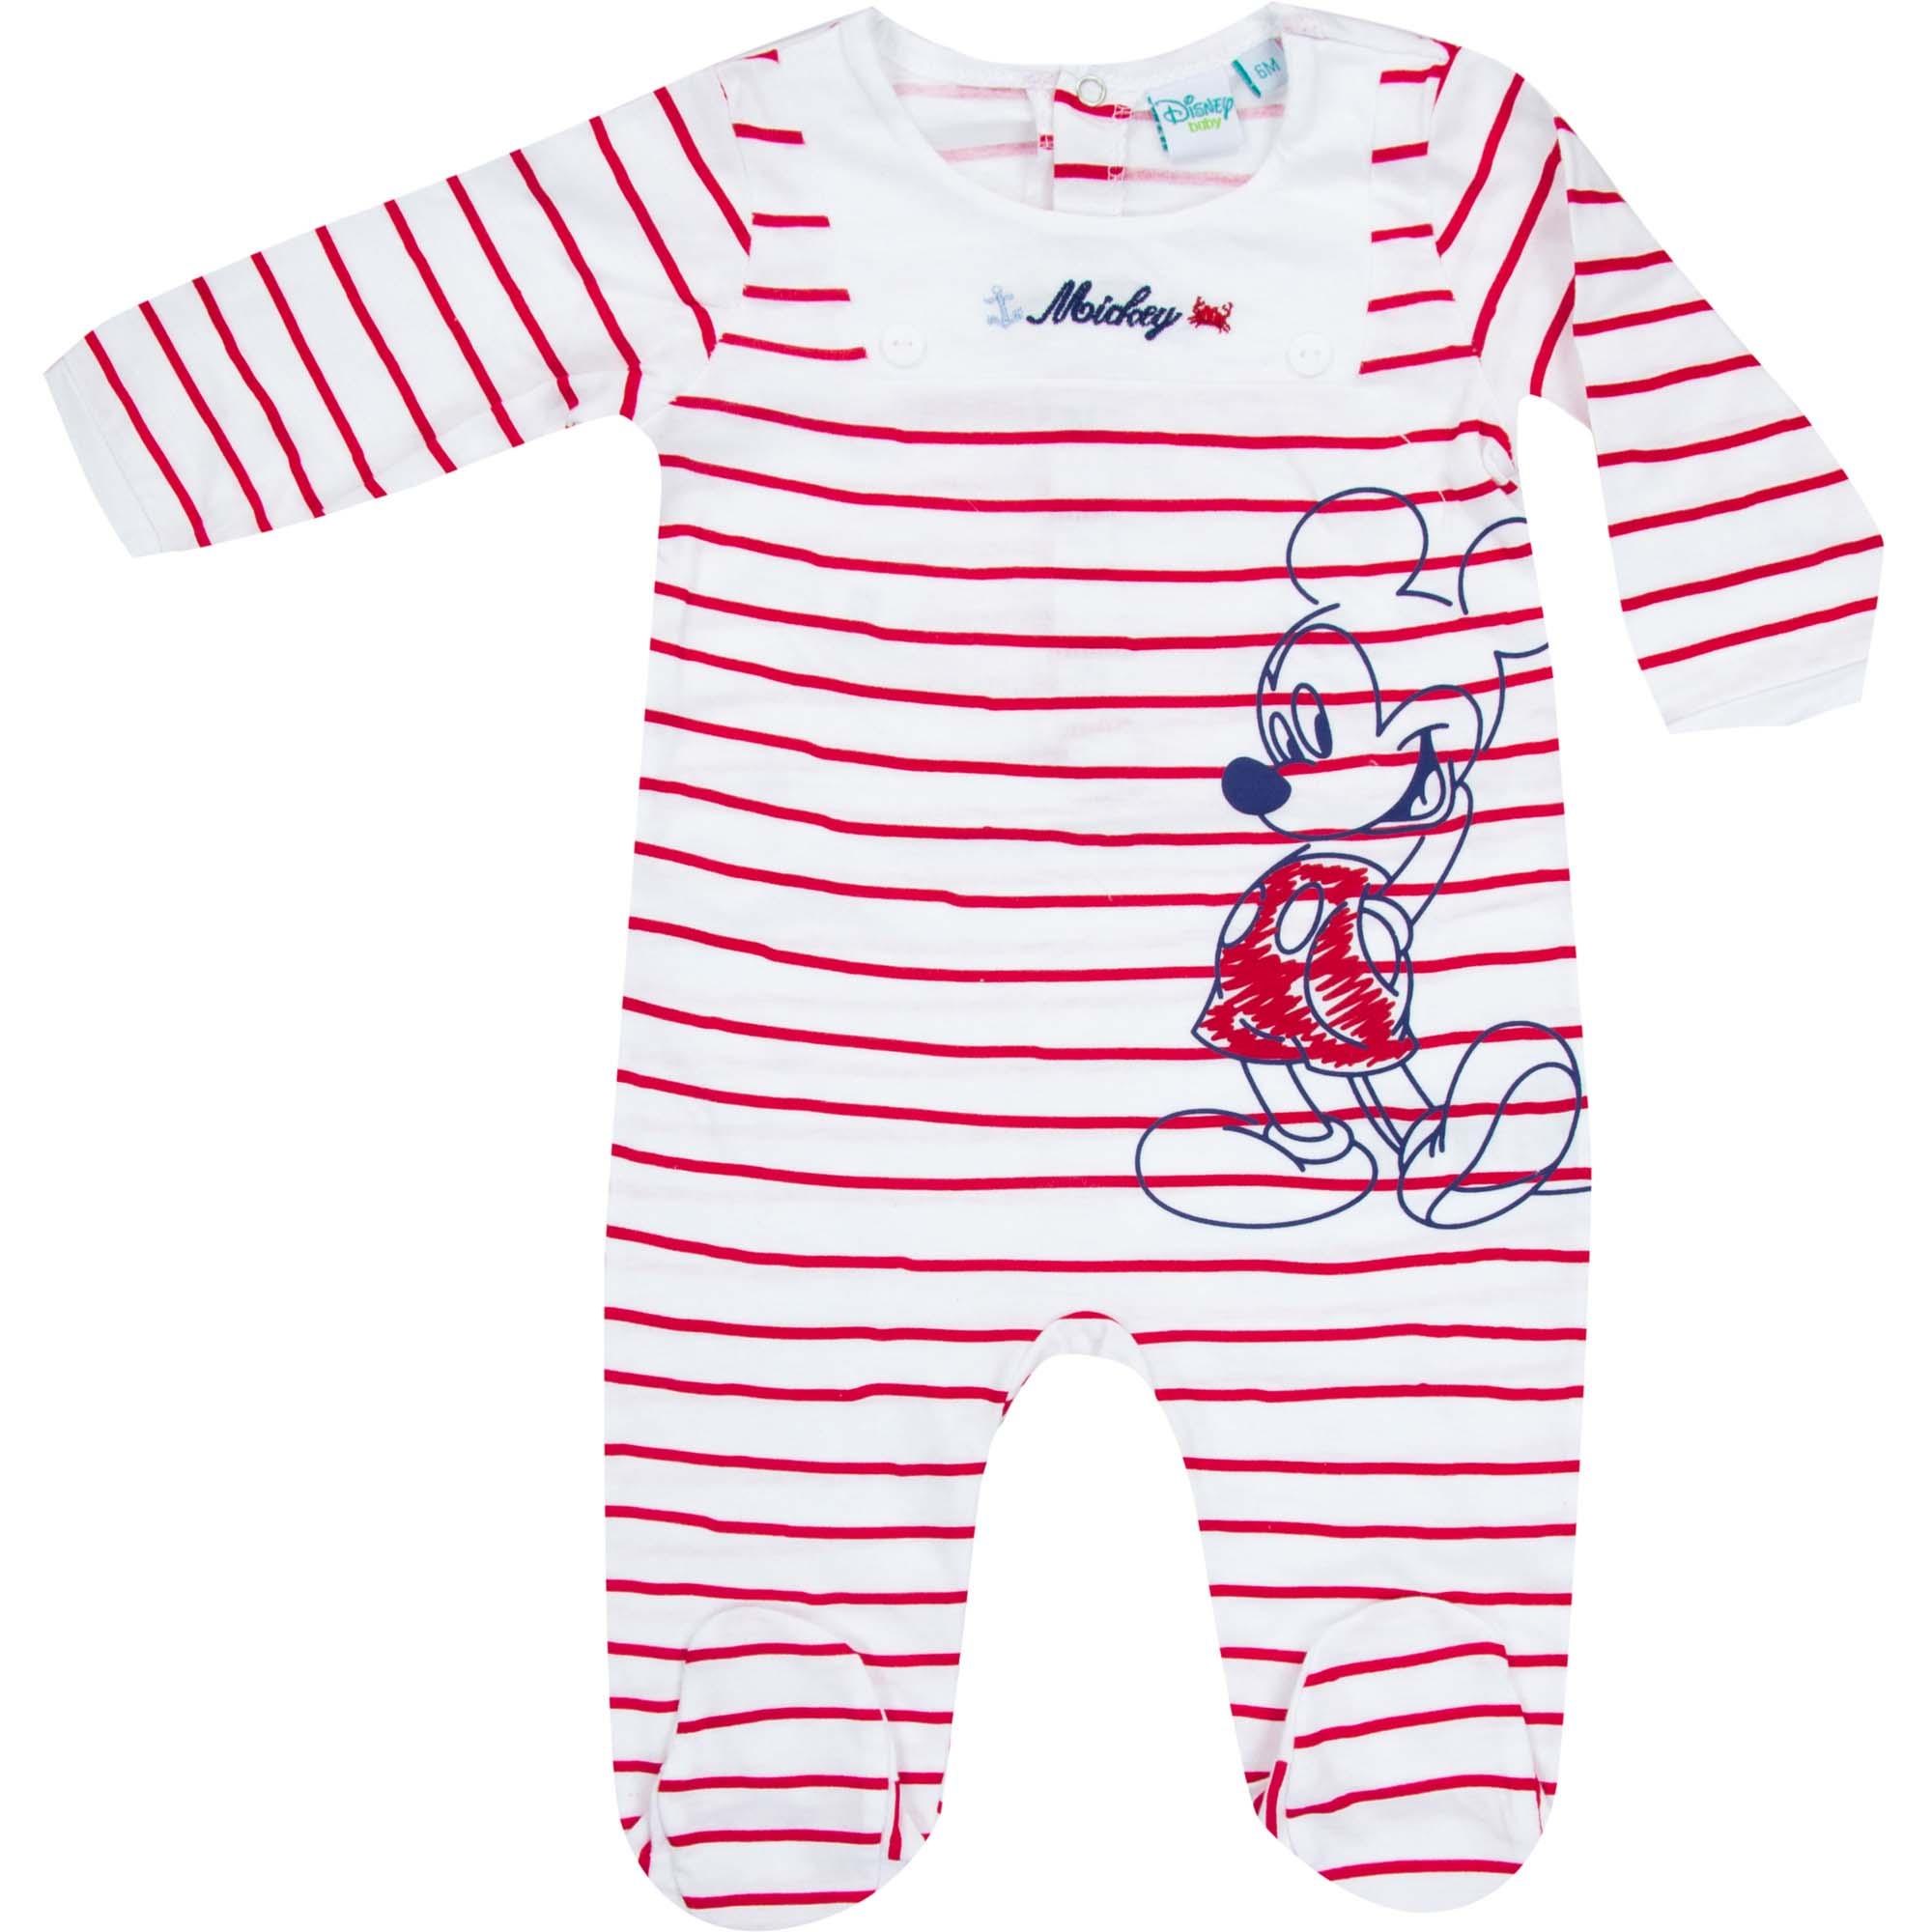 Créateur: Disney Baby Composition: 100% coton Couleur : Rouge Tailles disponibles : 0 mois (50) / 1 mois (56)  Il reste un seul exemplaire par taille ! Prix: 10€